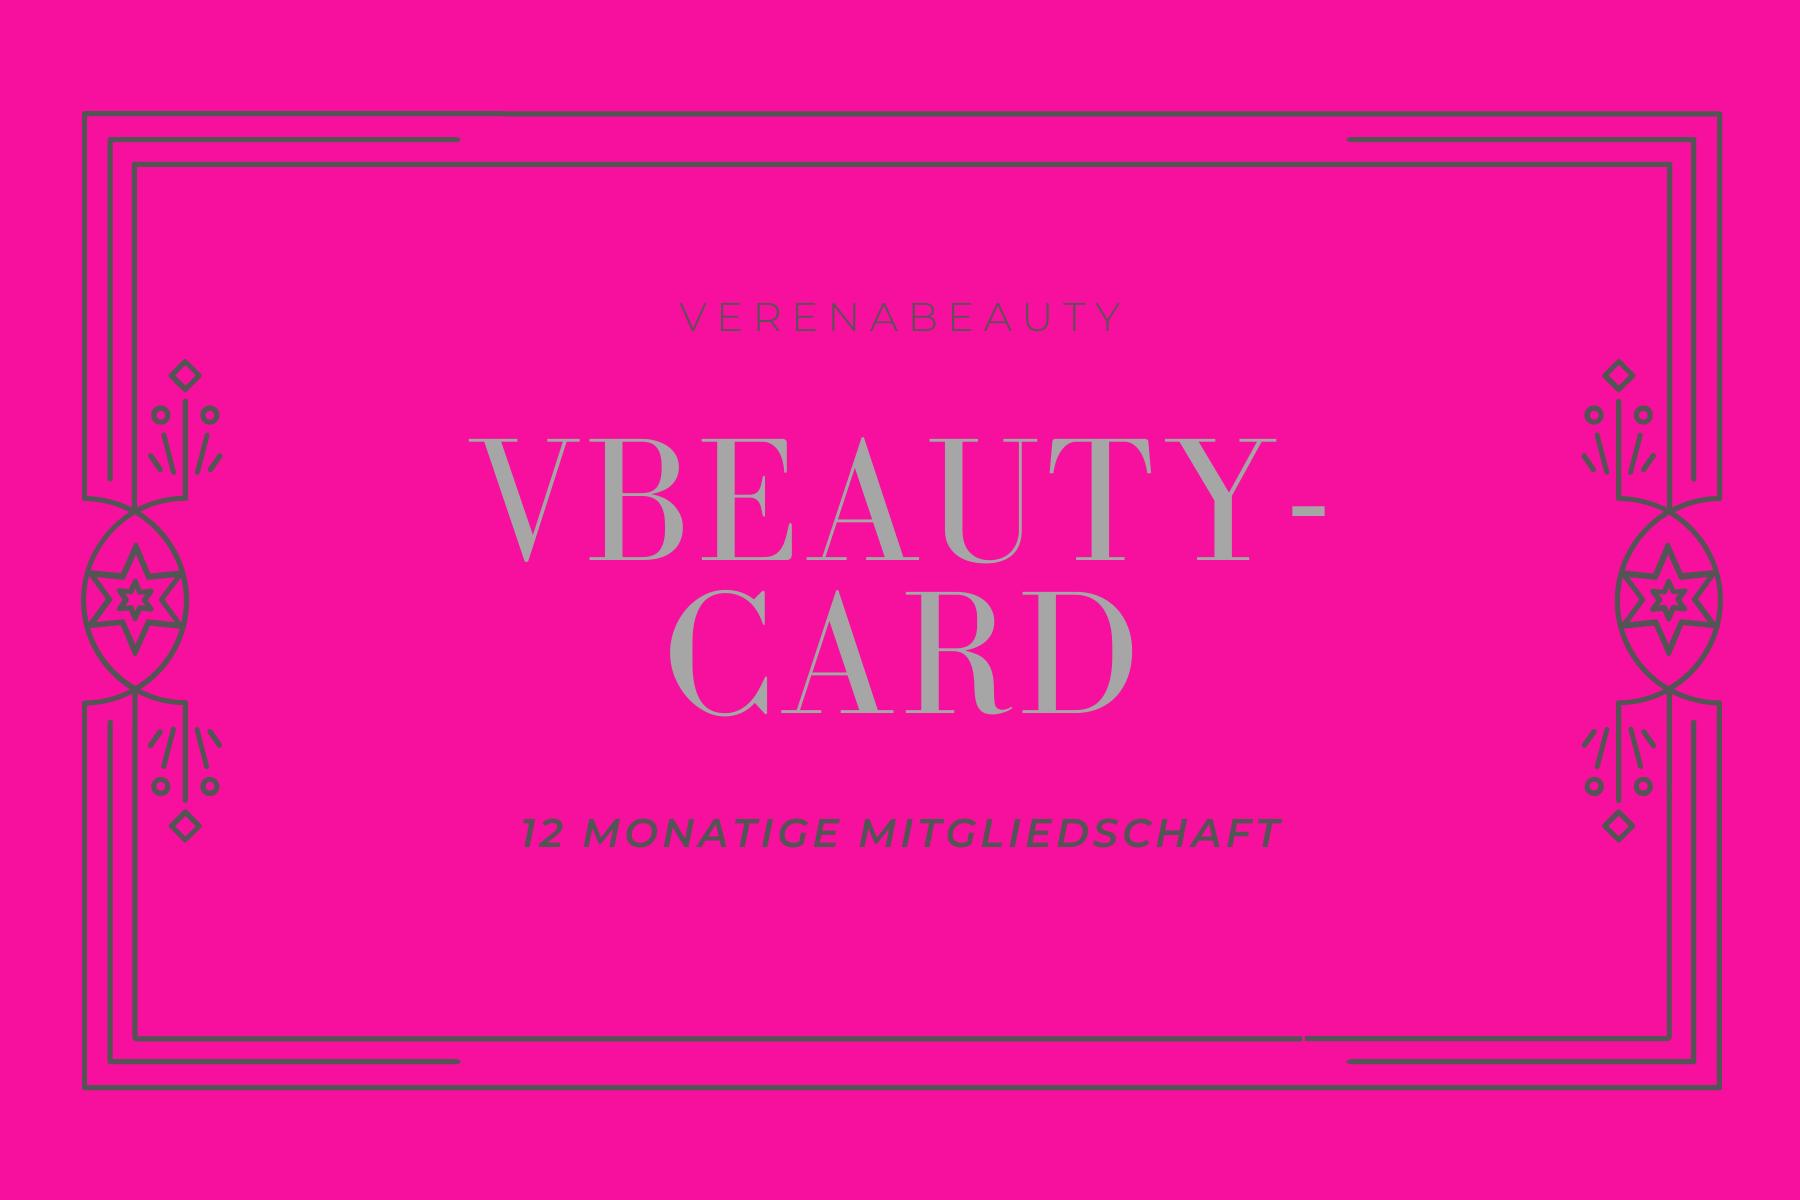 Mitgliedskarte für VerenaBeauty